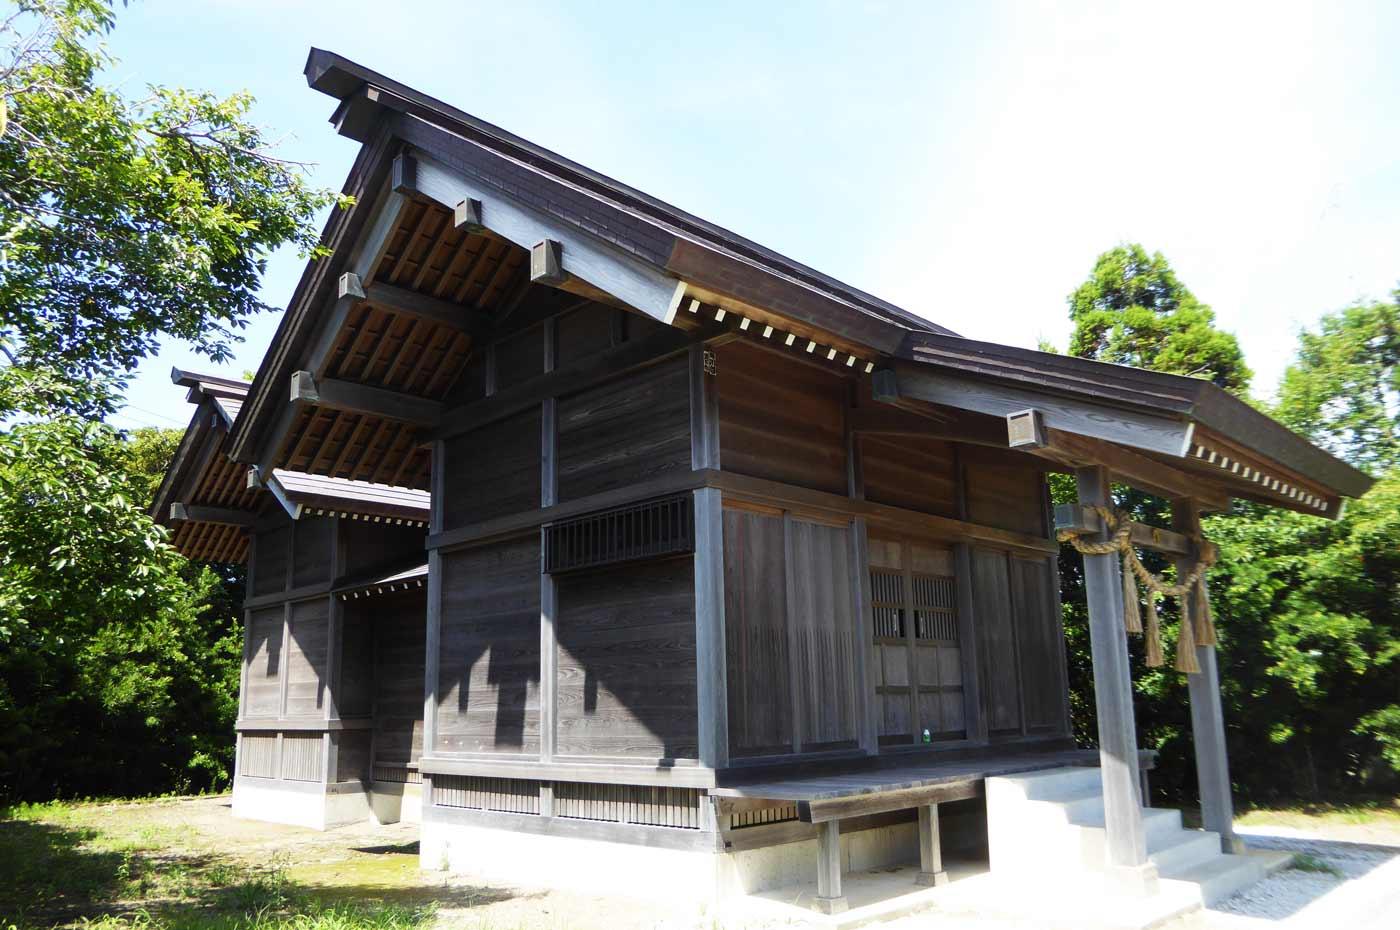 藤原神社拝殿と本殿の画像